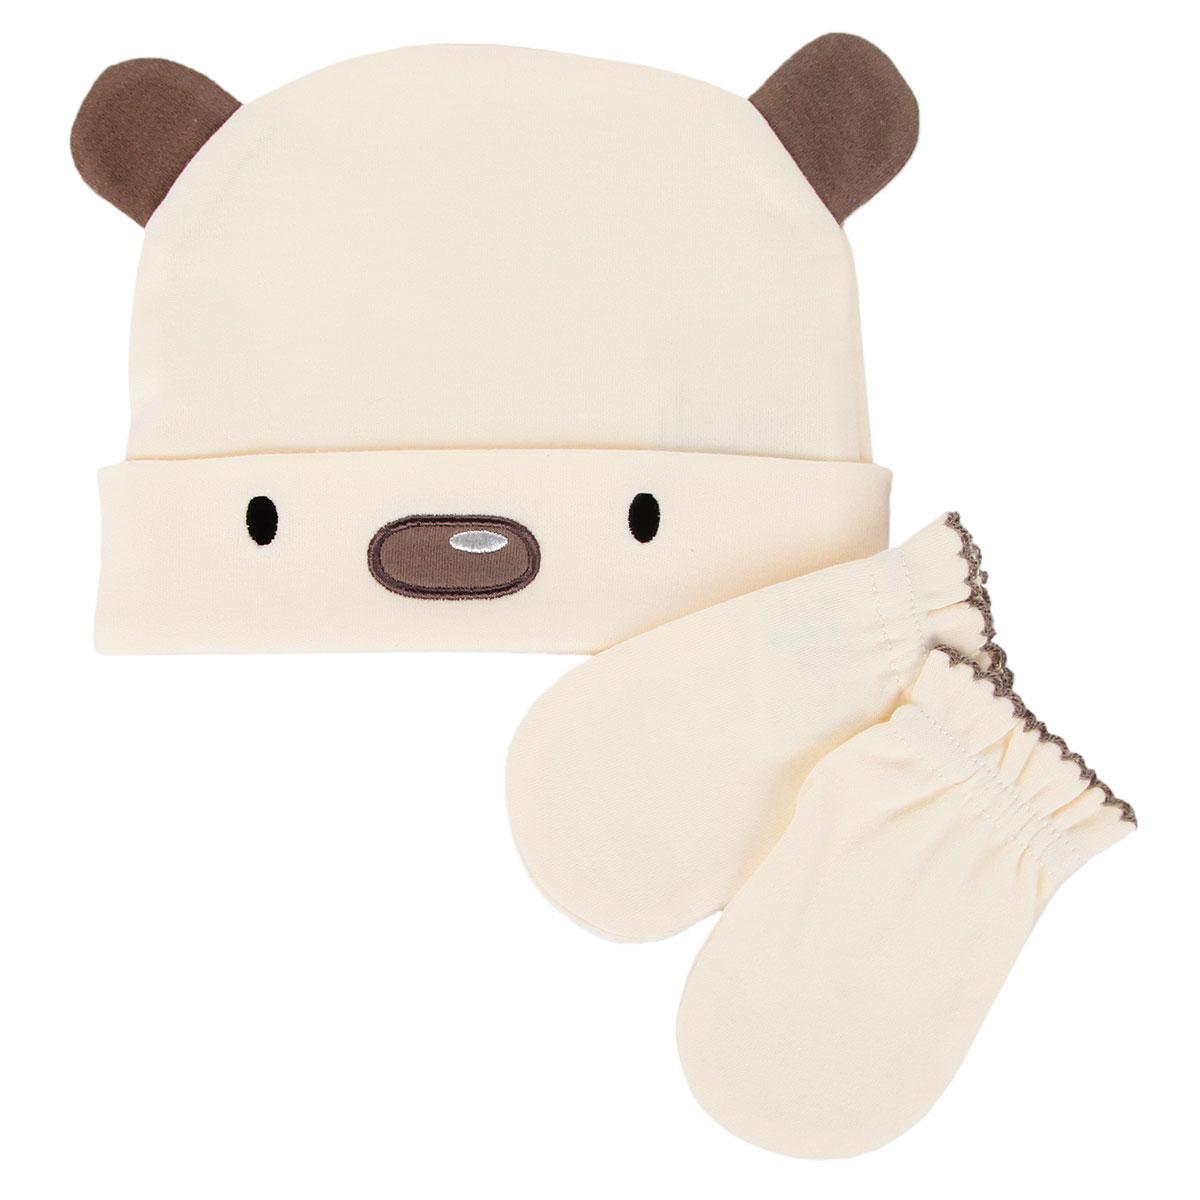 Комплект для мальчика Babydays Медвежонок: шапочка, рукавички, цвет: бежевый, коричневый. bd20007. Размер Nb (48/58), 0-3 месяца babydays плюшевый